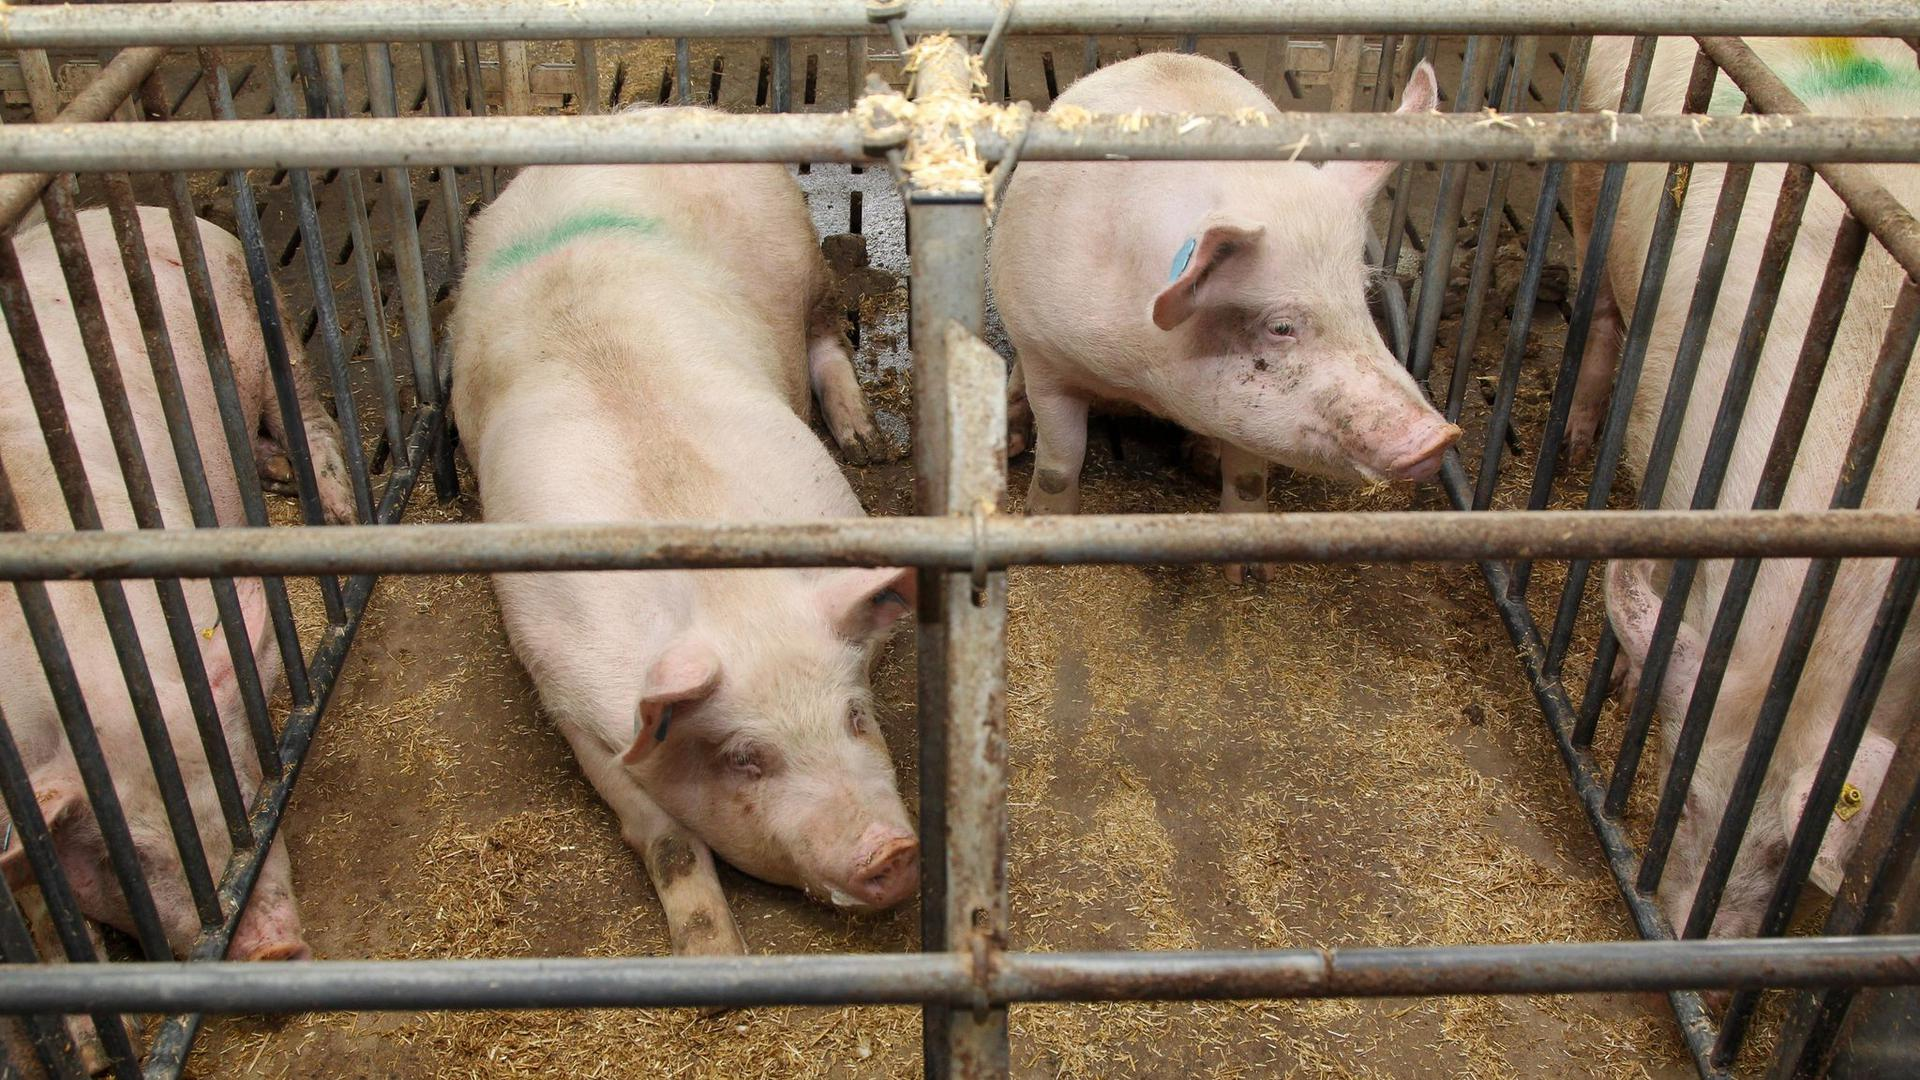 Schweine liegen auf einem Bauernhof in einem konventionellen Kastenstall.